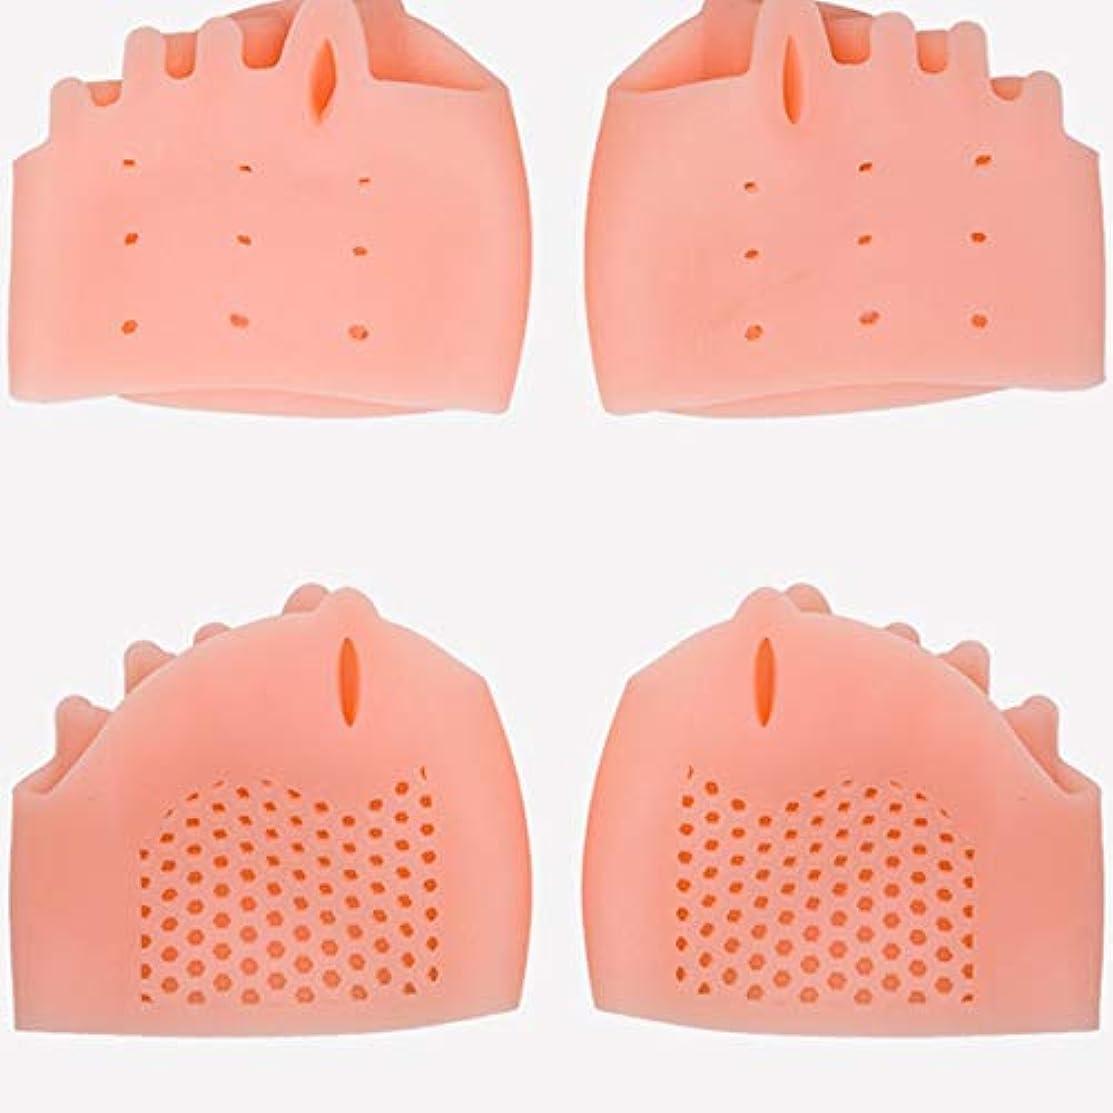 くつろぐ金額どうやってSilicone Toe Separator Foot Braces Support Little Toe Varus Corretcor for Overlapping Toe Foot Care for Men Women